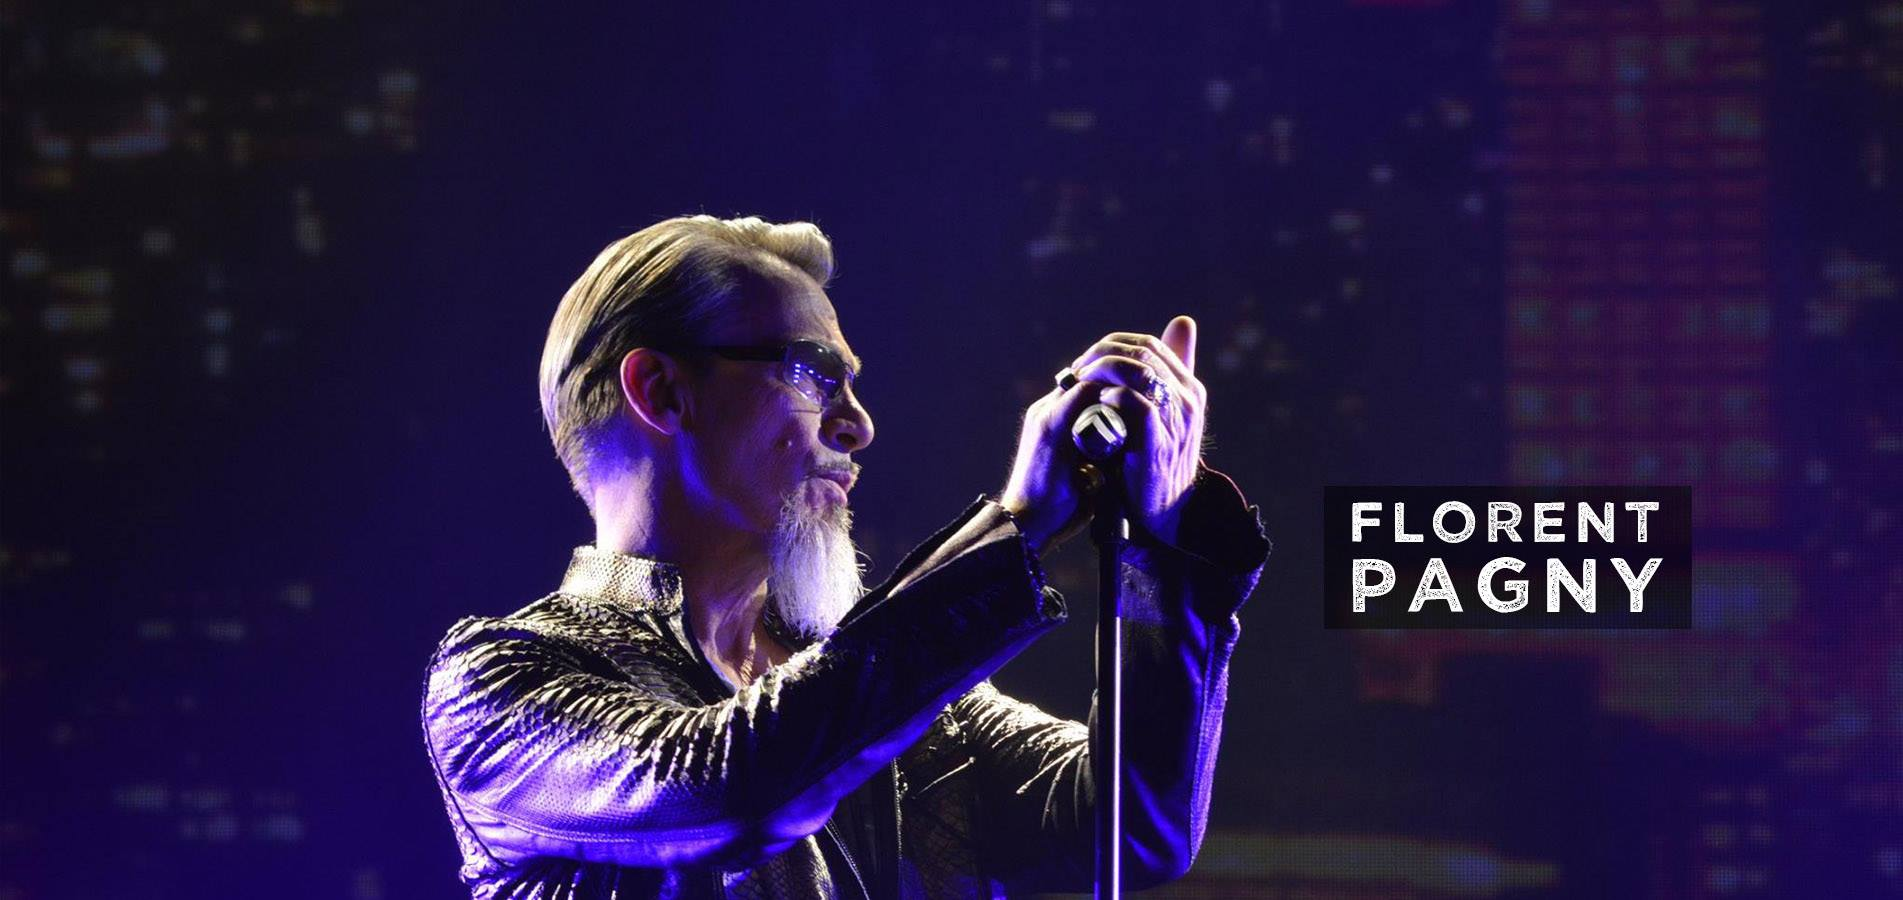 Gagnez un moment avec Florent Pagny en Concert à Vaux Sur Sûre